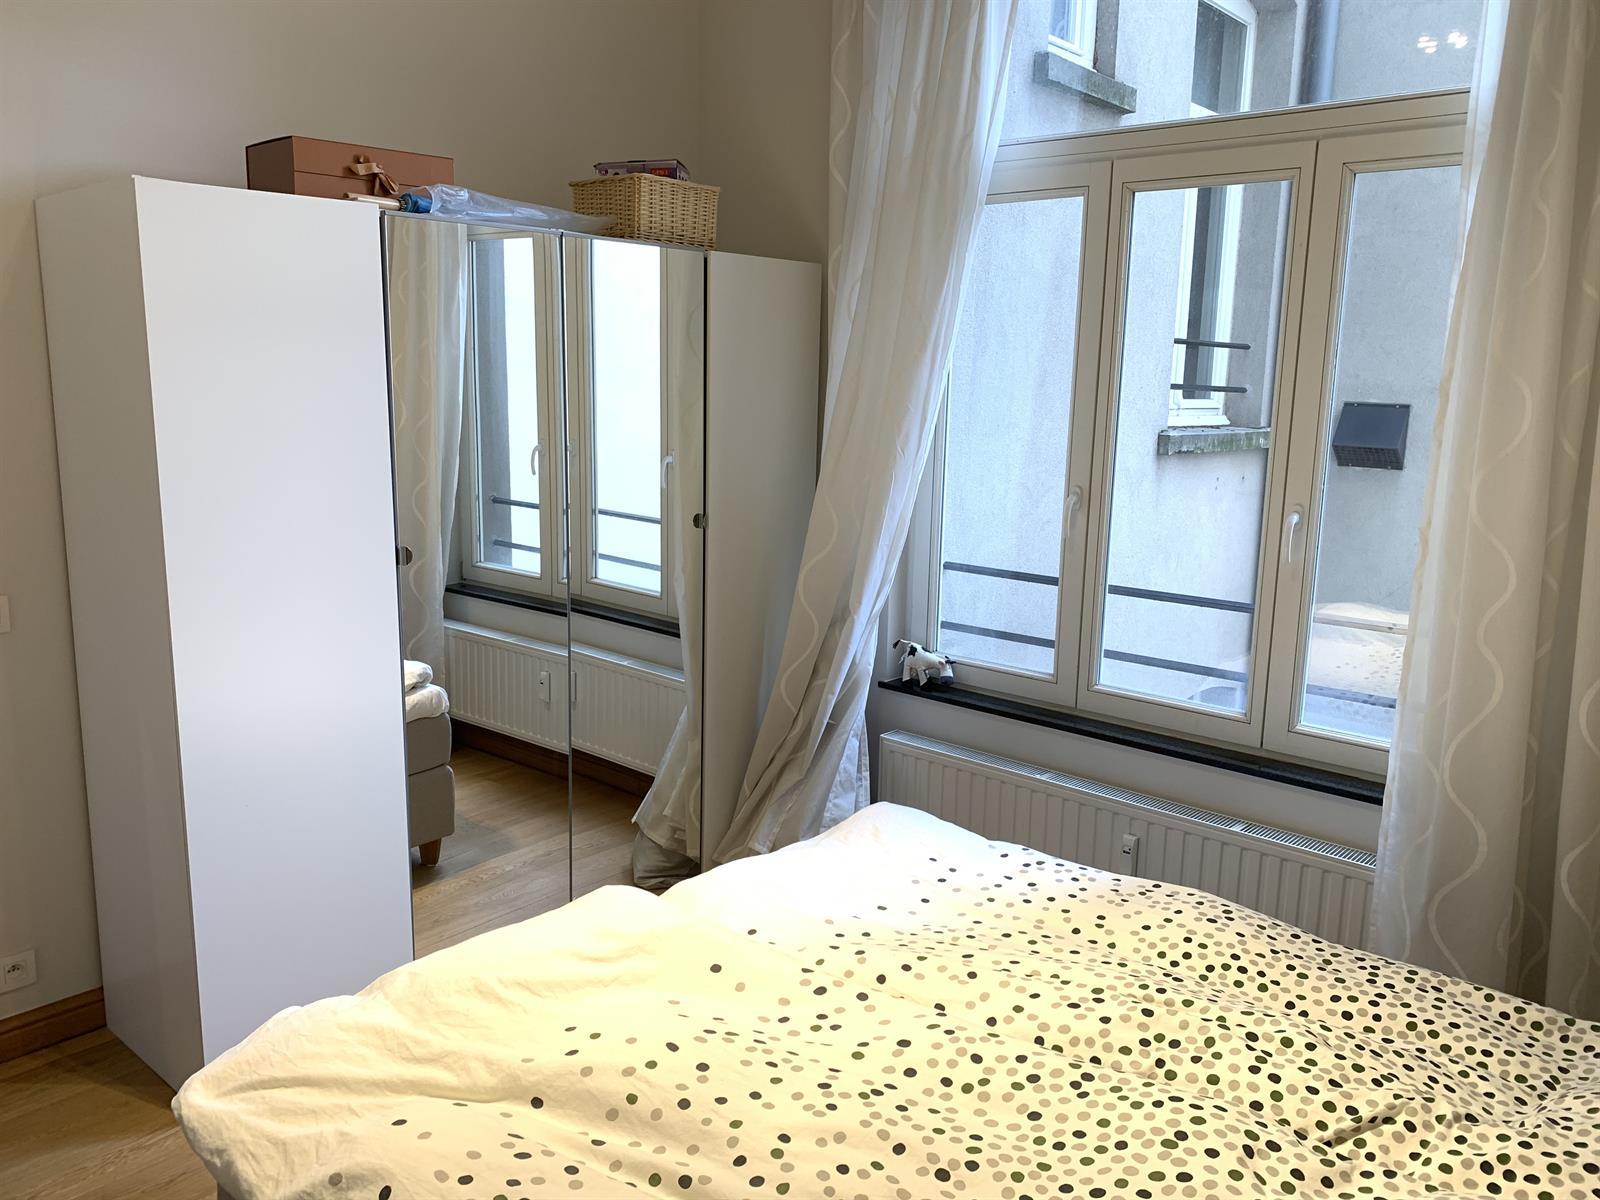 Appartement exceptionnel - Bruxelles - #4056384-45